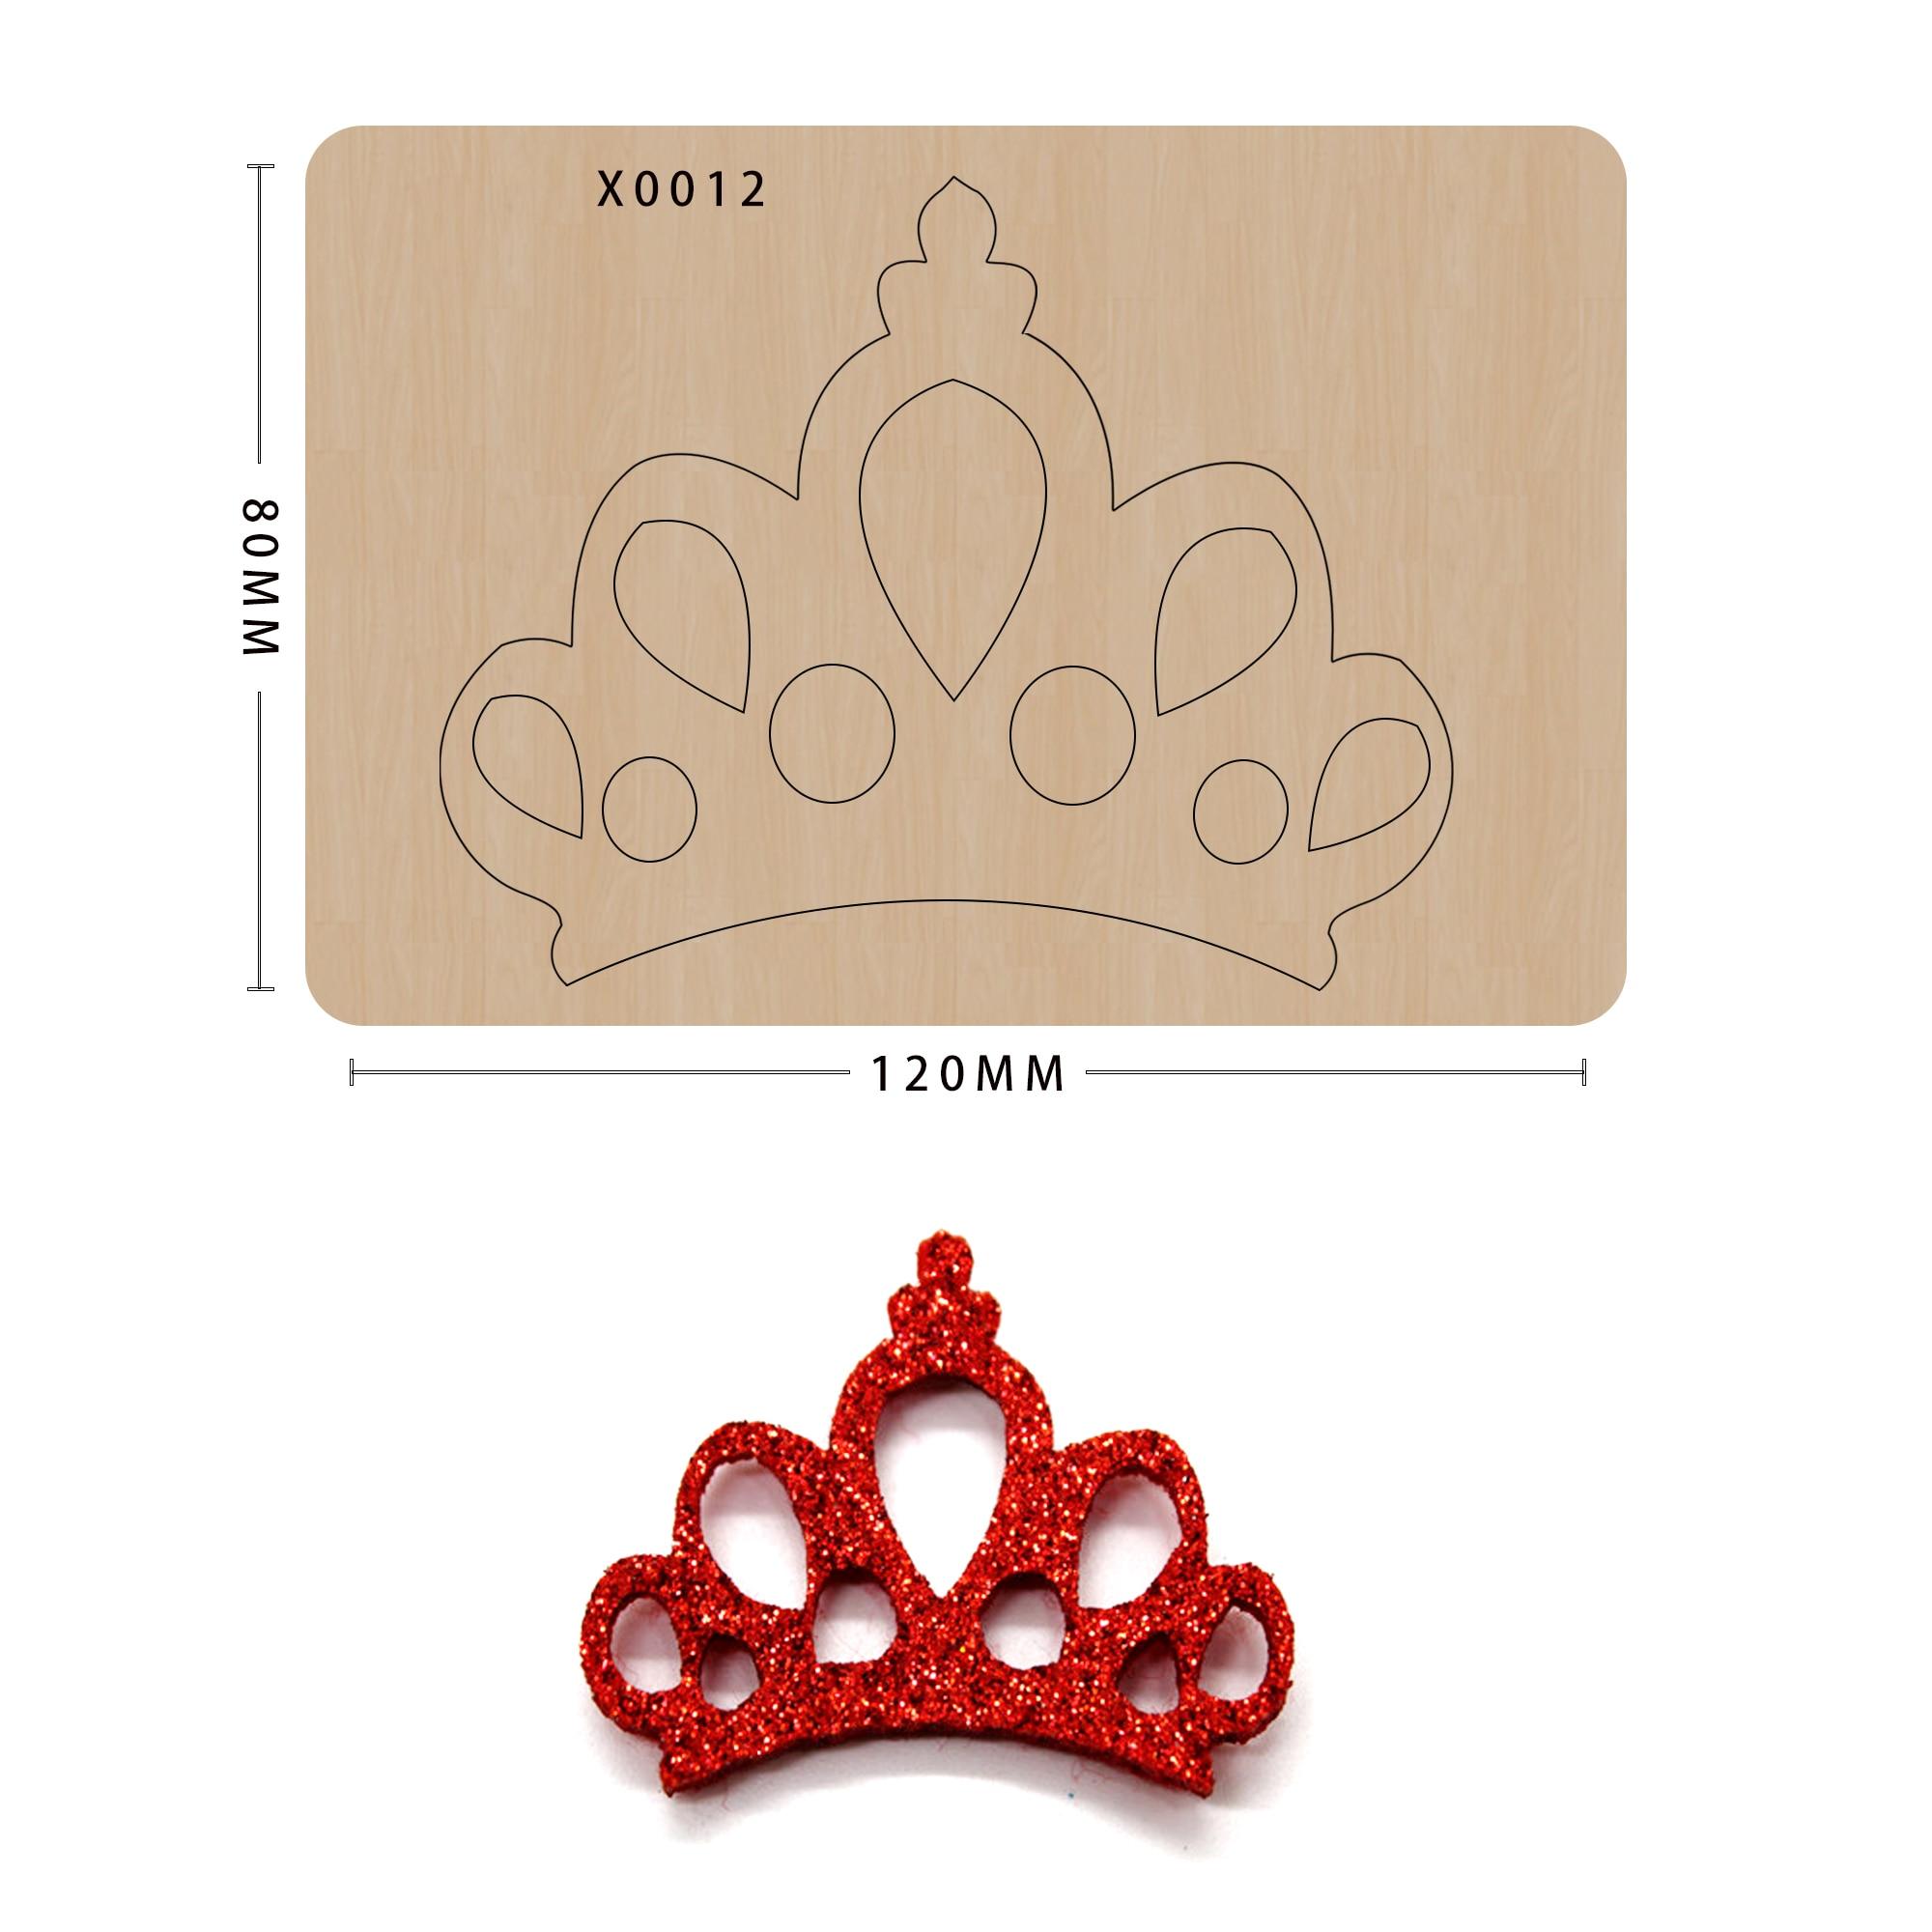 Coroa corte de madeiras scrapbook de madeira corte flor moldes de madeira morrer fazendo decoração suprimentos dados